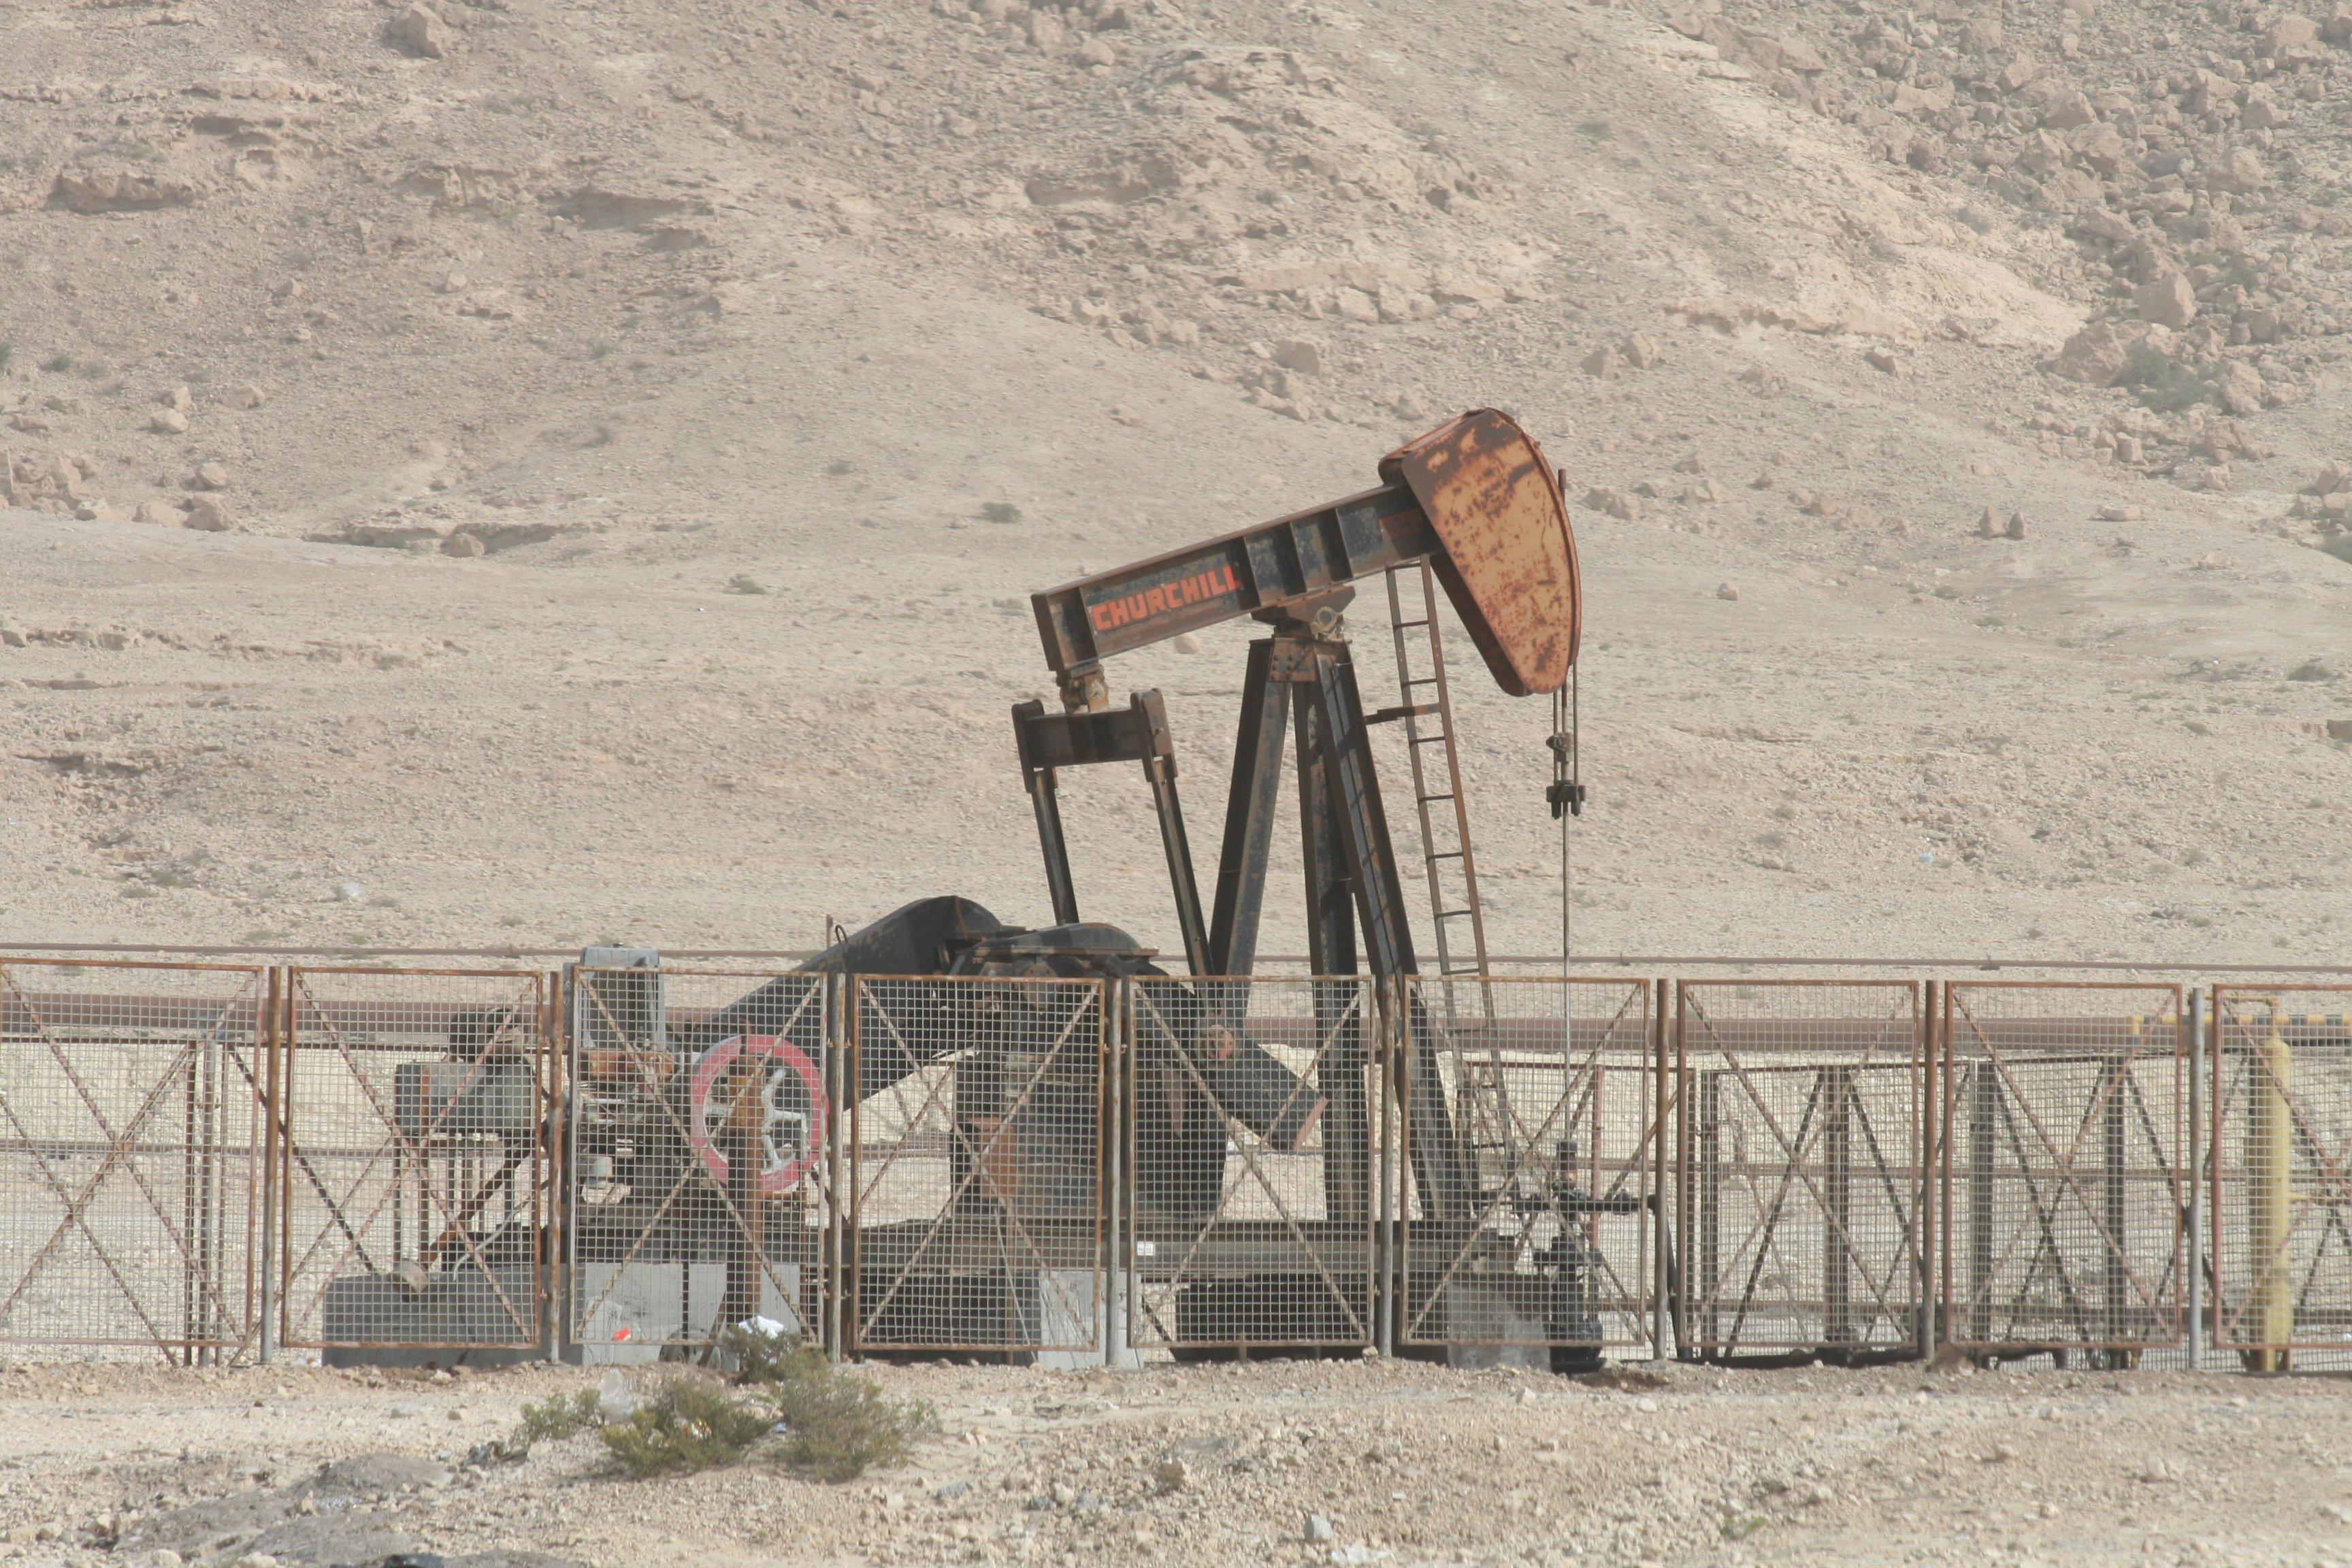 أسعار النفط تراوح مكانها بتغيرات بسيطة